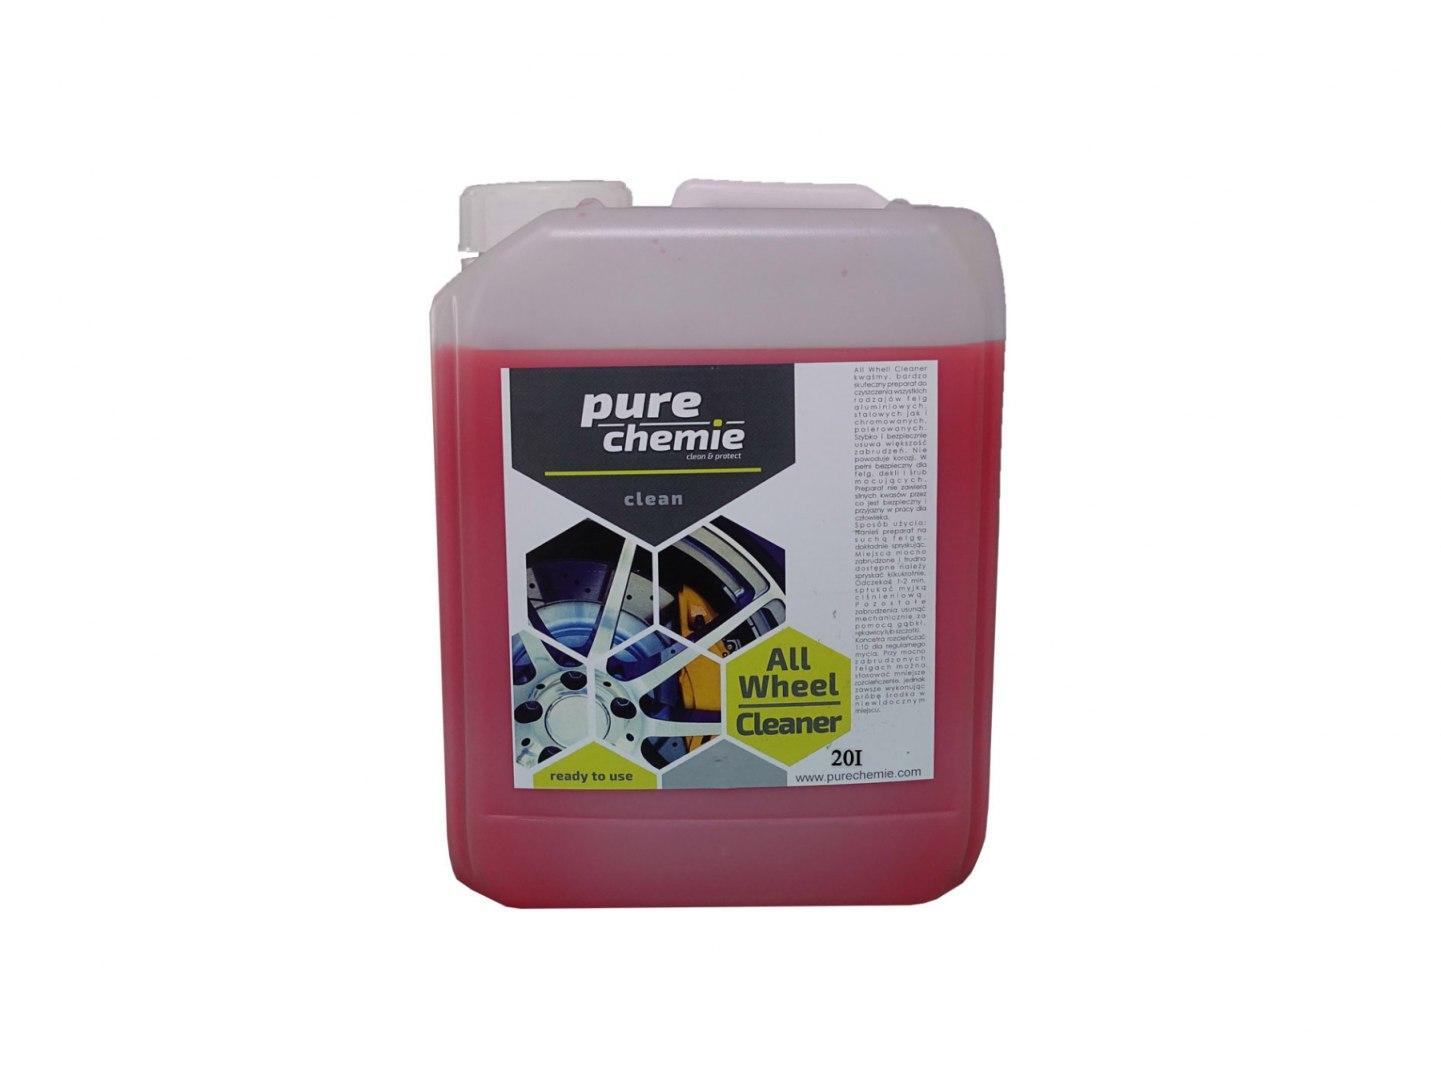 Pure Chemie All Wheel Cleaner 20L (Mycie felg) - GRUBYGARAGE - Sklep Tuningowy